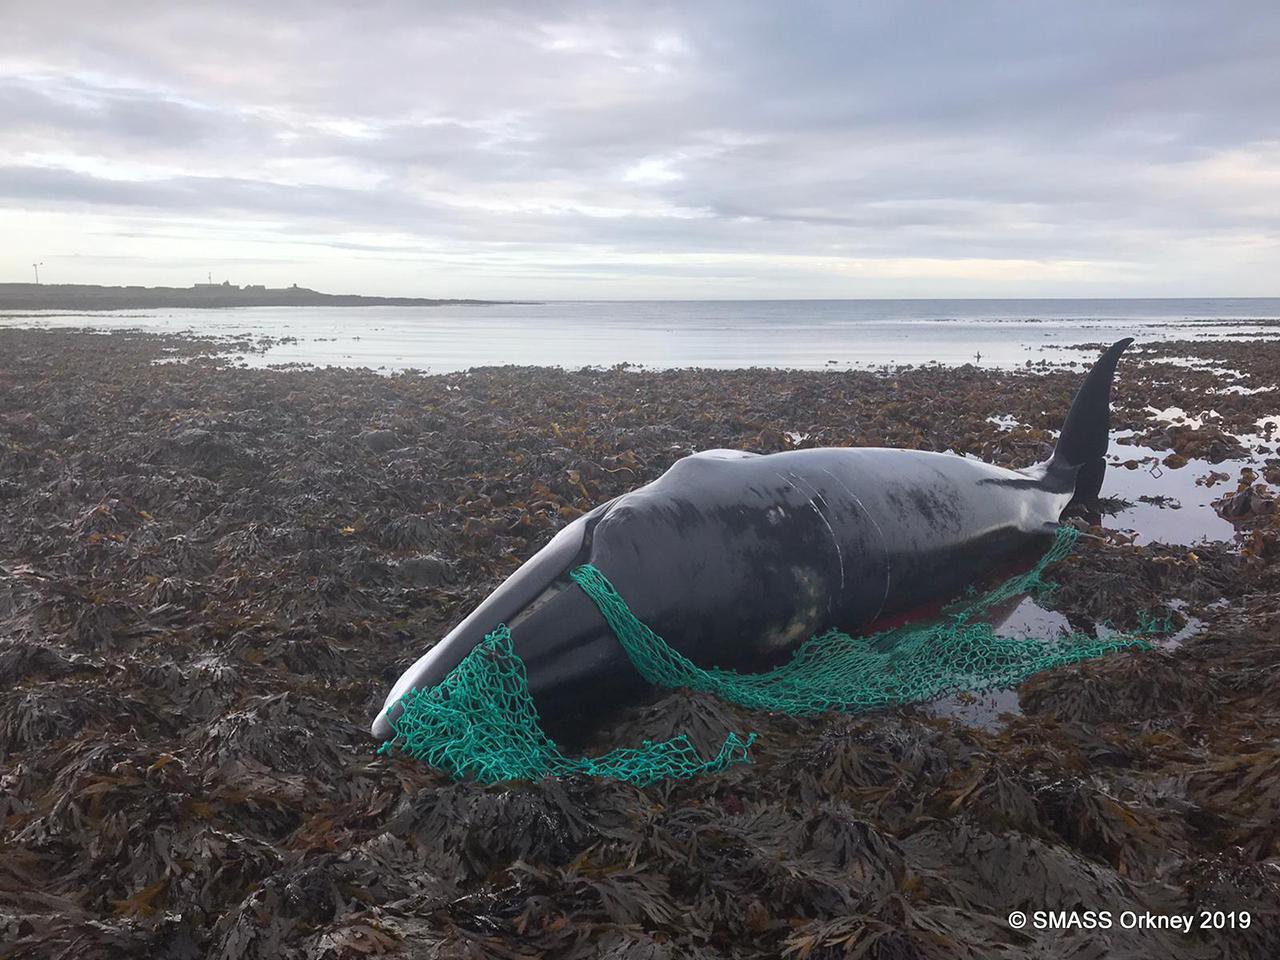 낚시 그물에 엉킨 채 발견된 임신한 밍크고래 사체